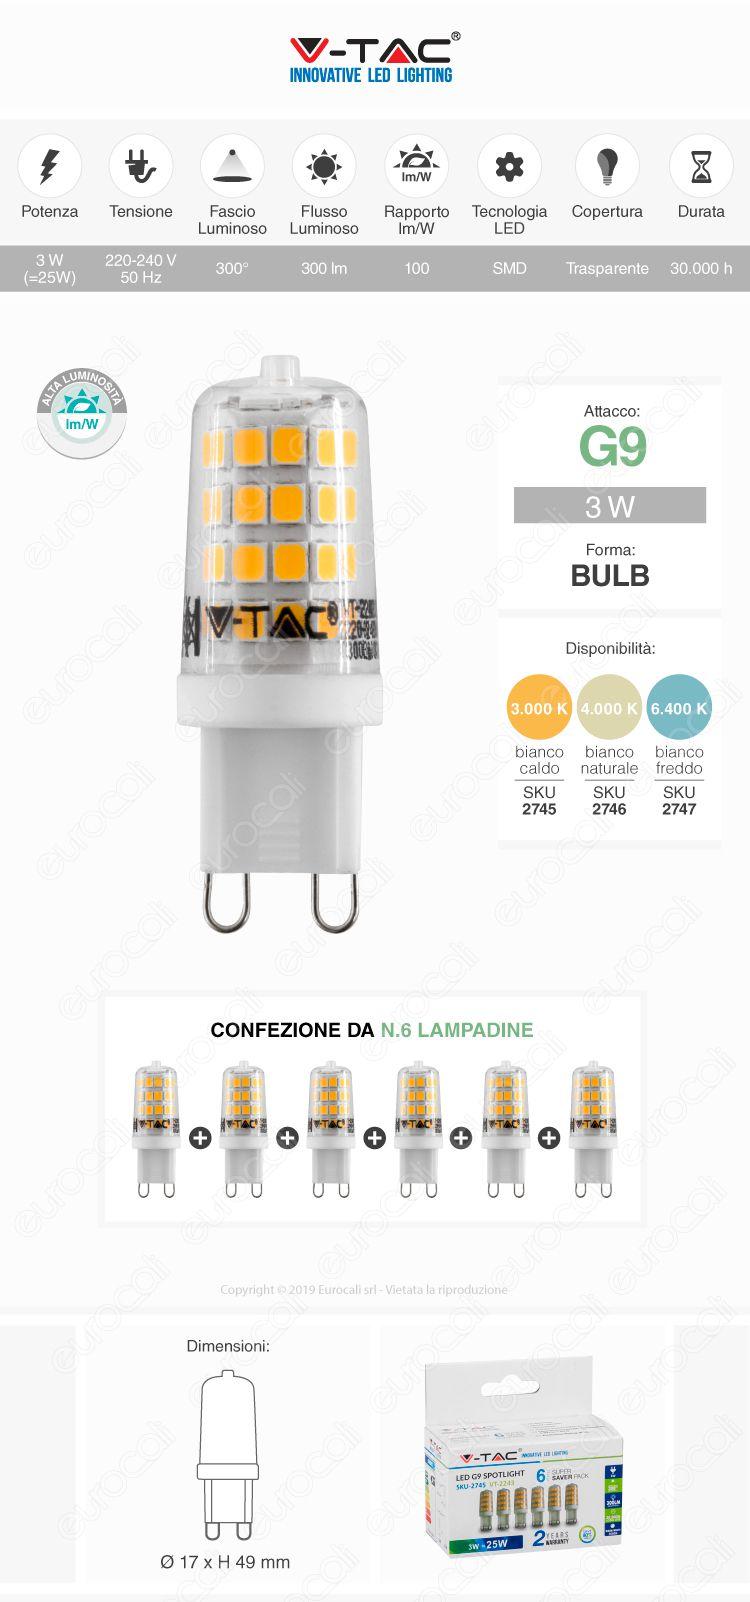 V-Tac VT-2243 Super Saver Pack Confezione 6 Lampadine LED GU9 3W